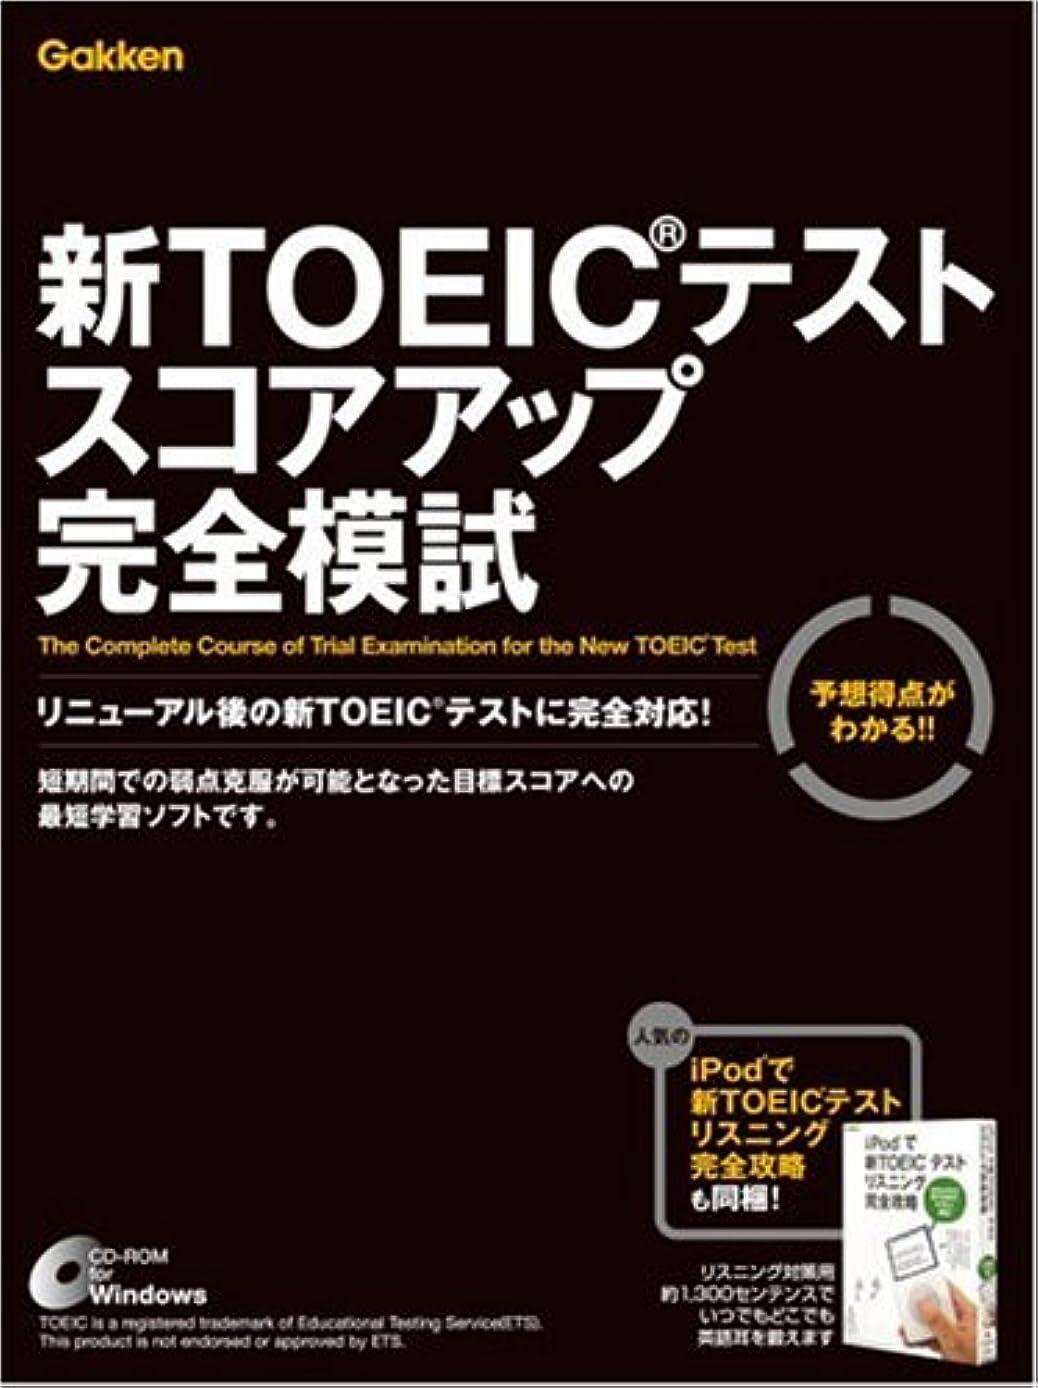 指令ソロ縞模様の公式 TOEIC Listening & Reading 問題集 3 大型本 と「英文速読ワールド3」のセット教材